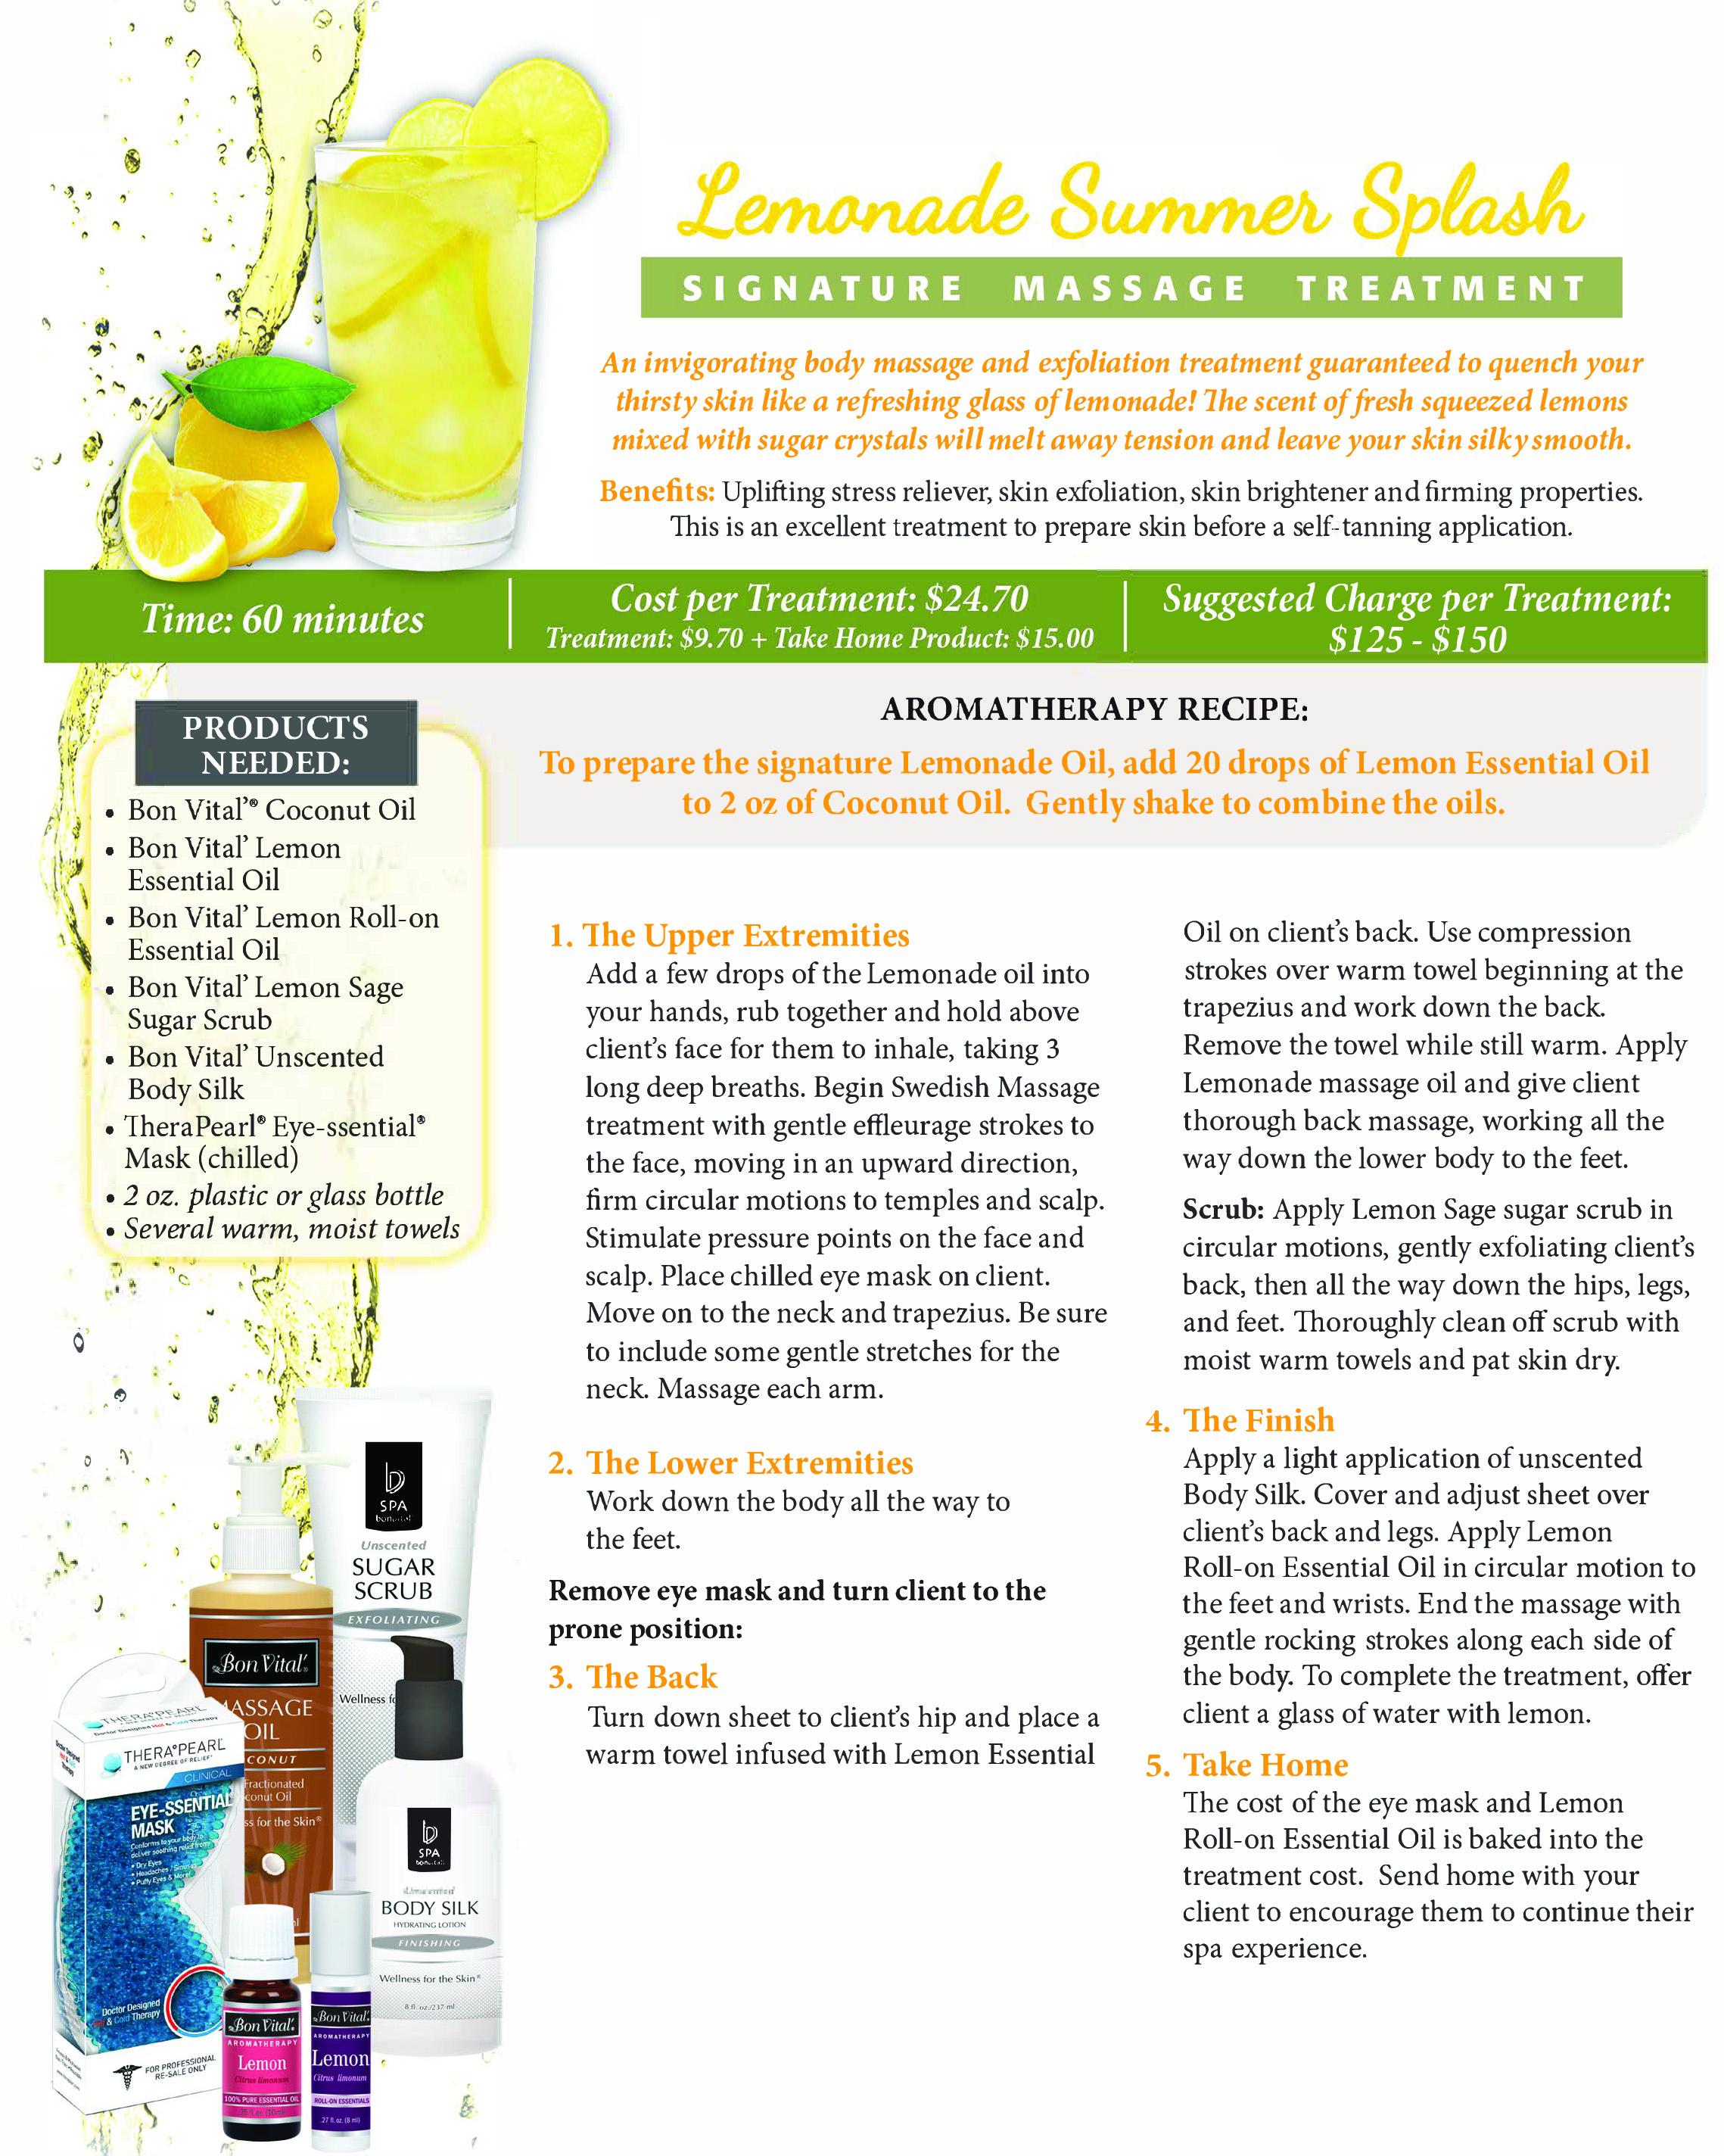 Lemonade Summer Splash